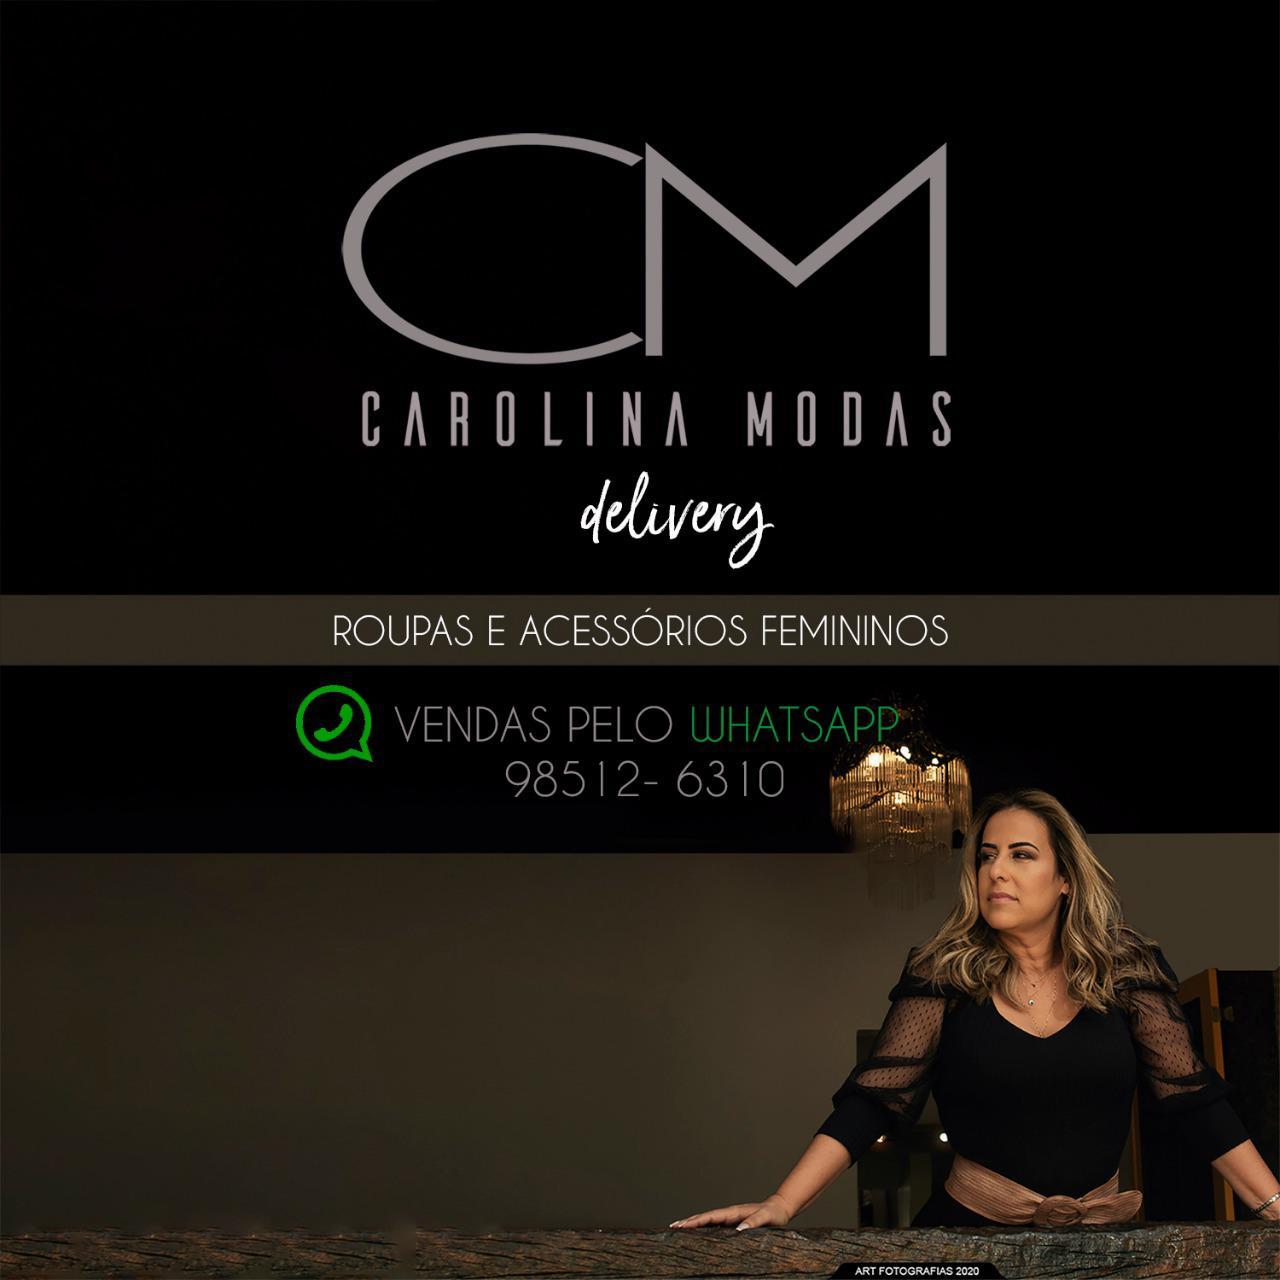 Carolina Modas